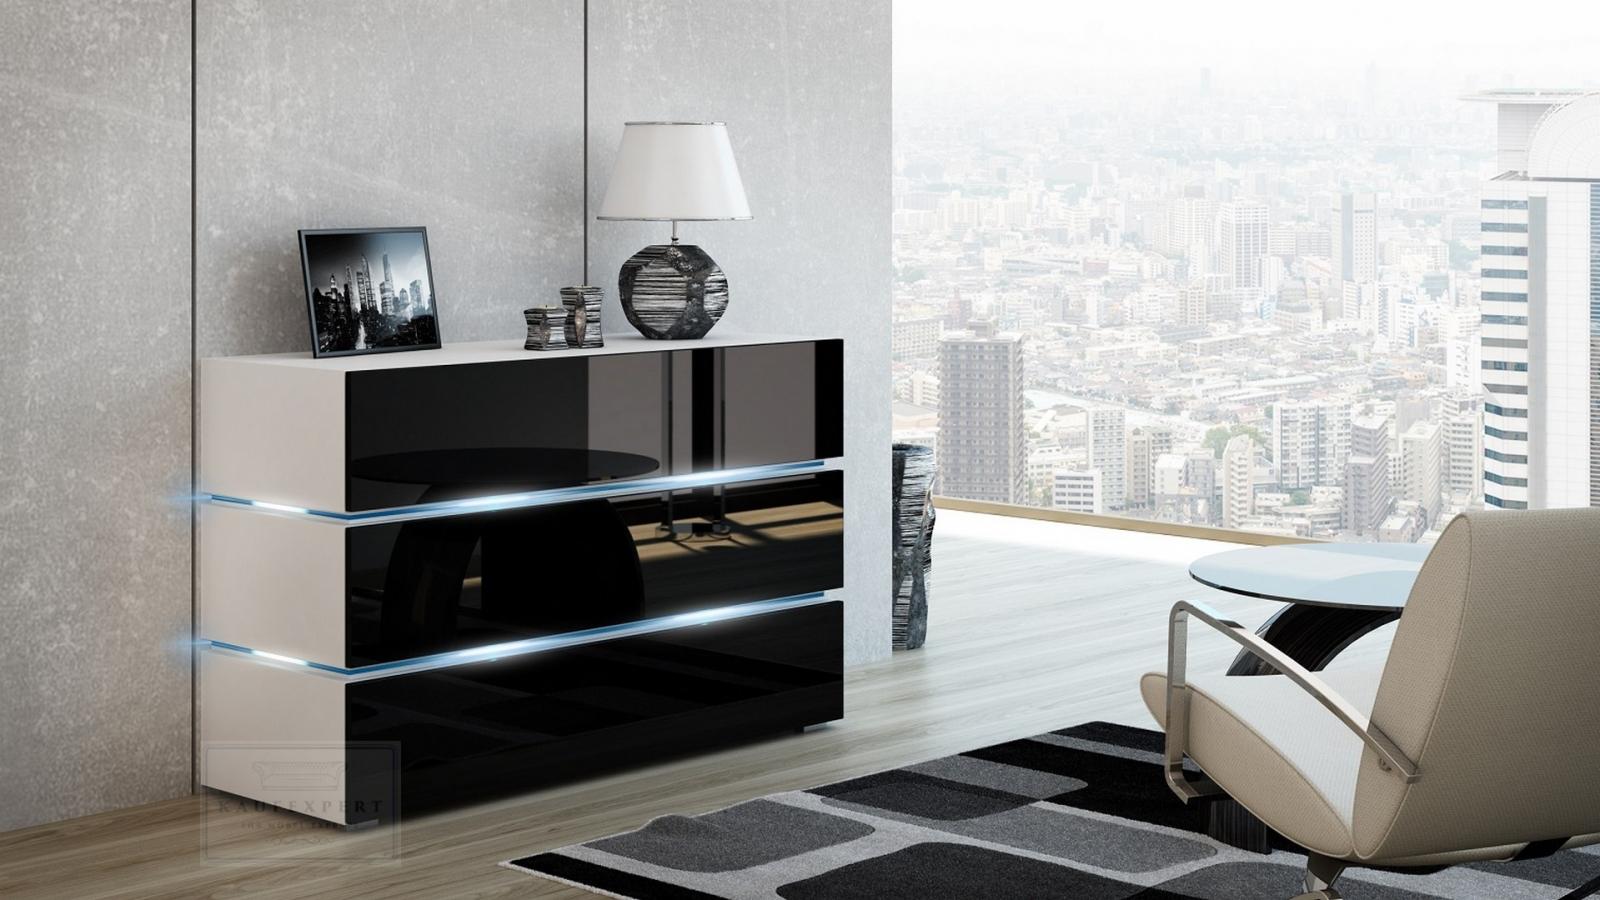 Kaufexpert kommode shine sideboard 120 cm schwarz hochglanz wei led beleuchtung modern design - Wohnzimmer schwarz hochglanz ...